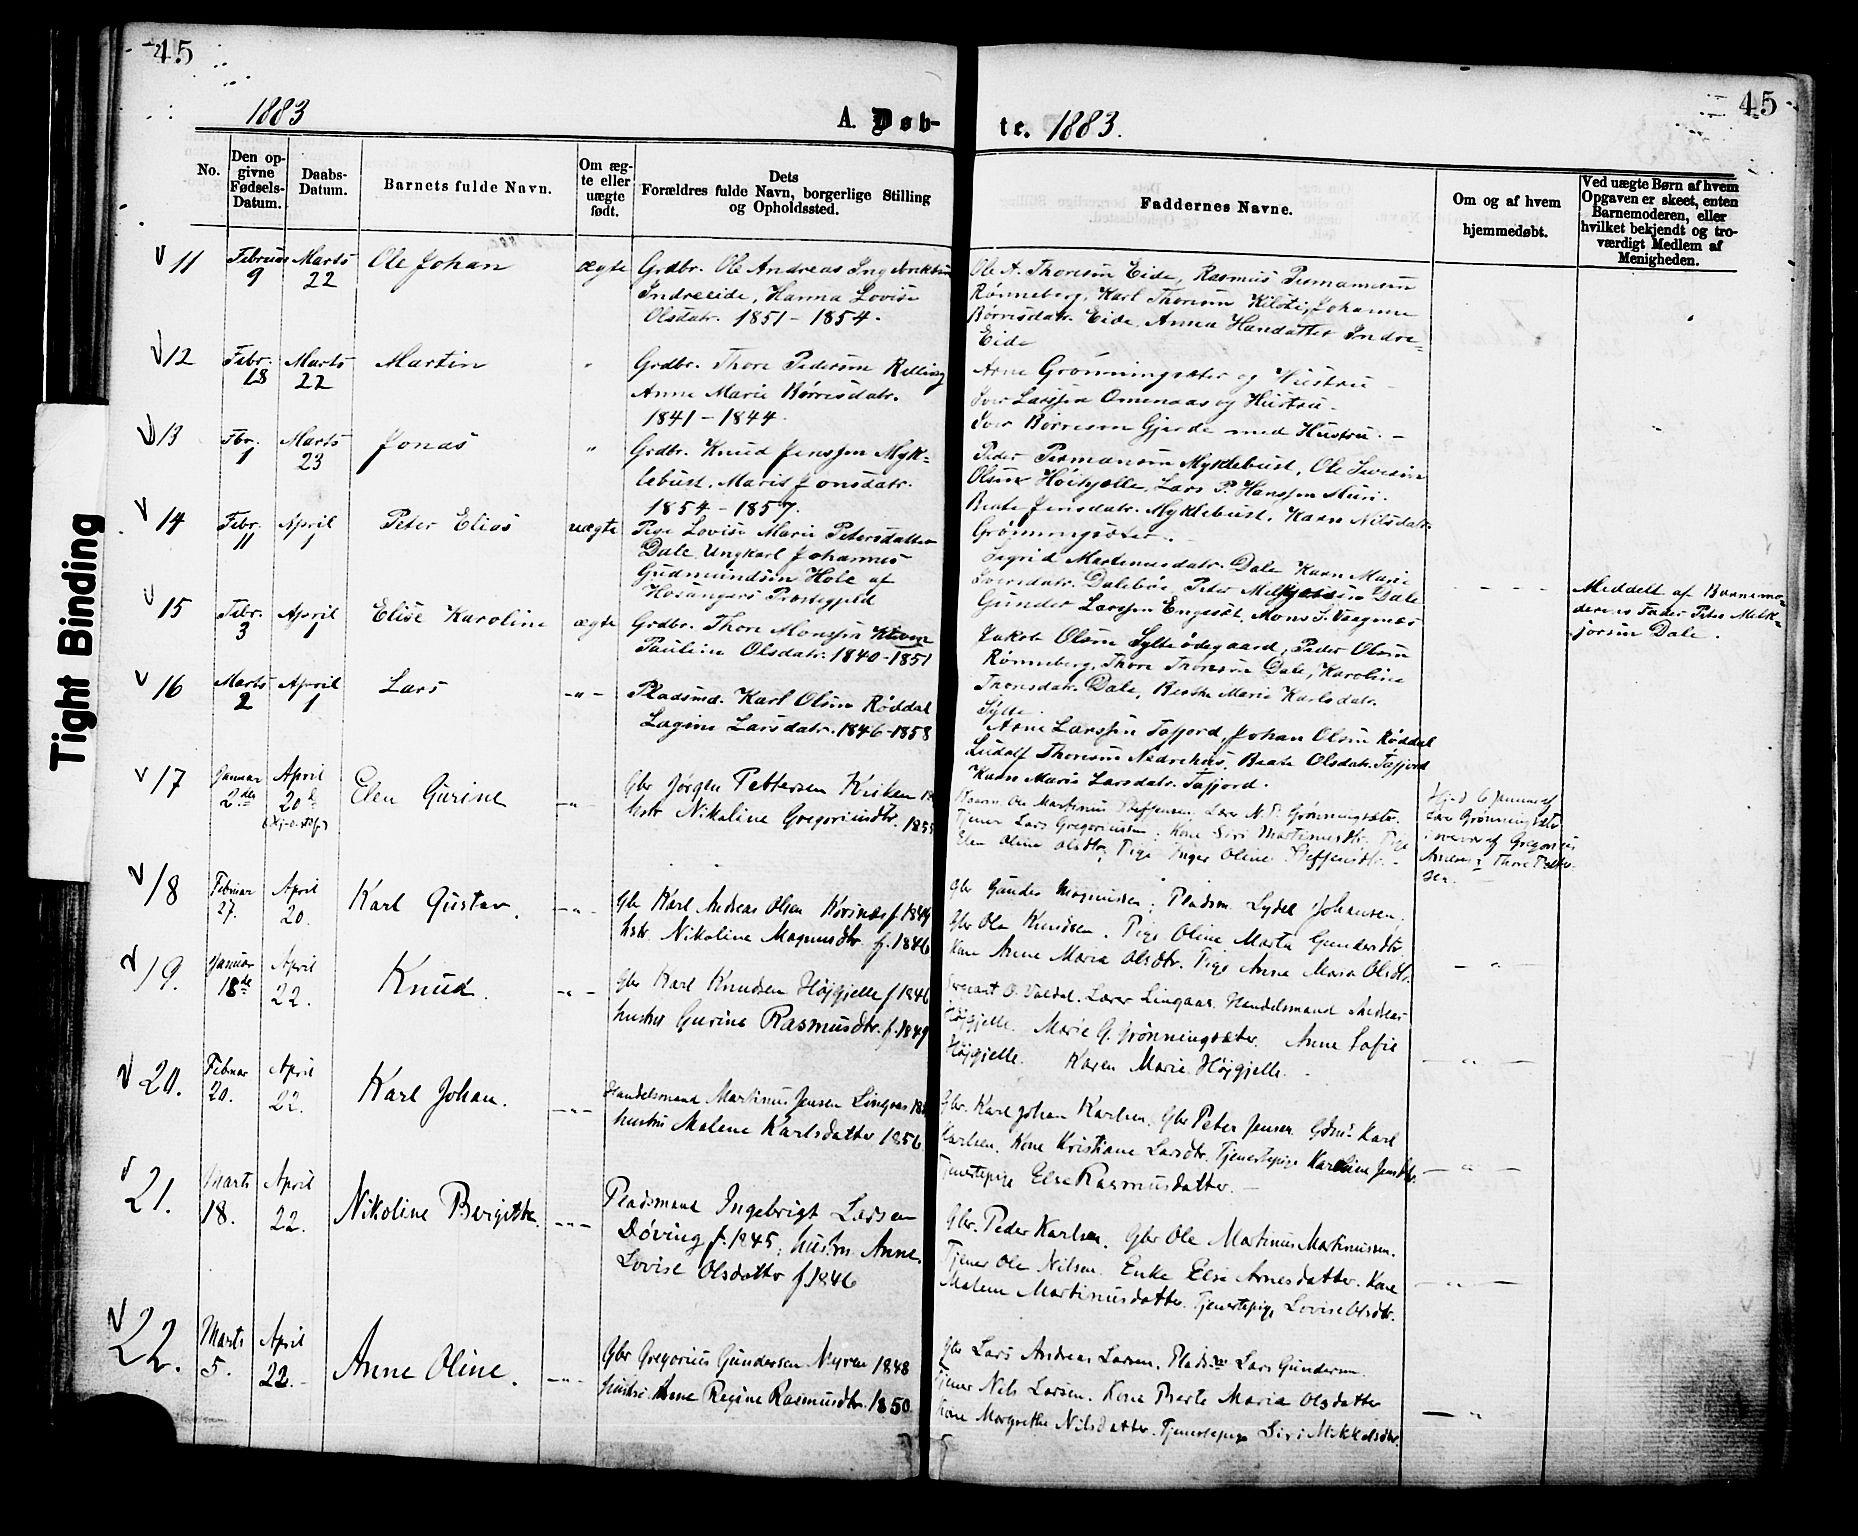 SAT, Ministerialprotokoller, klokkerbøker og fødselsregistre - Møre og Romsdal, 519/L0254: Ministerialbok nr. 519A13, 1868-1883, s. 45